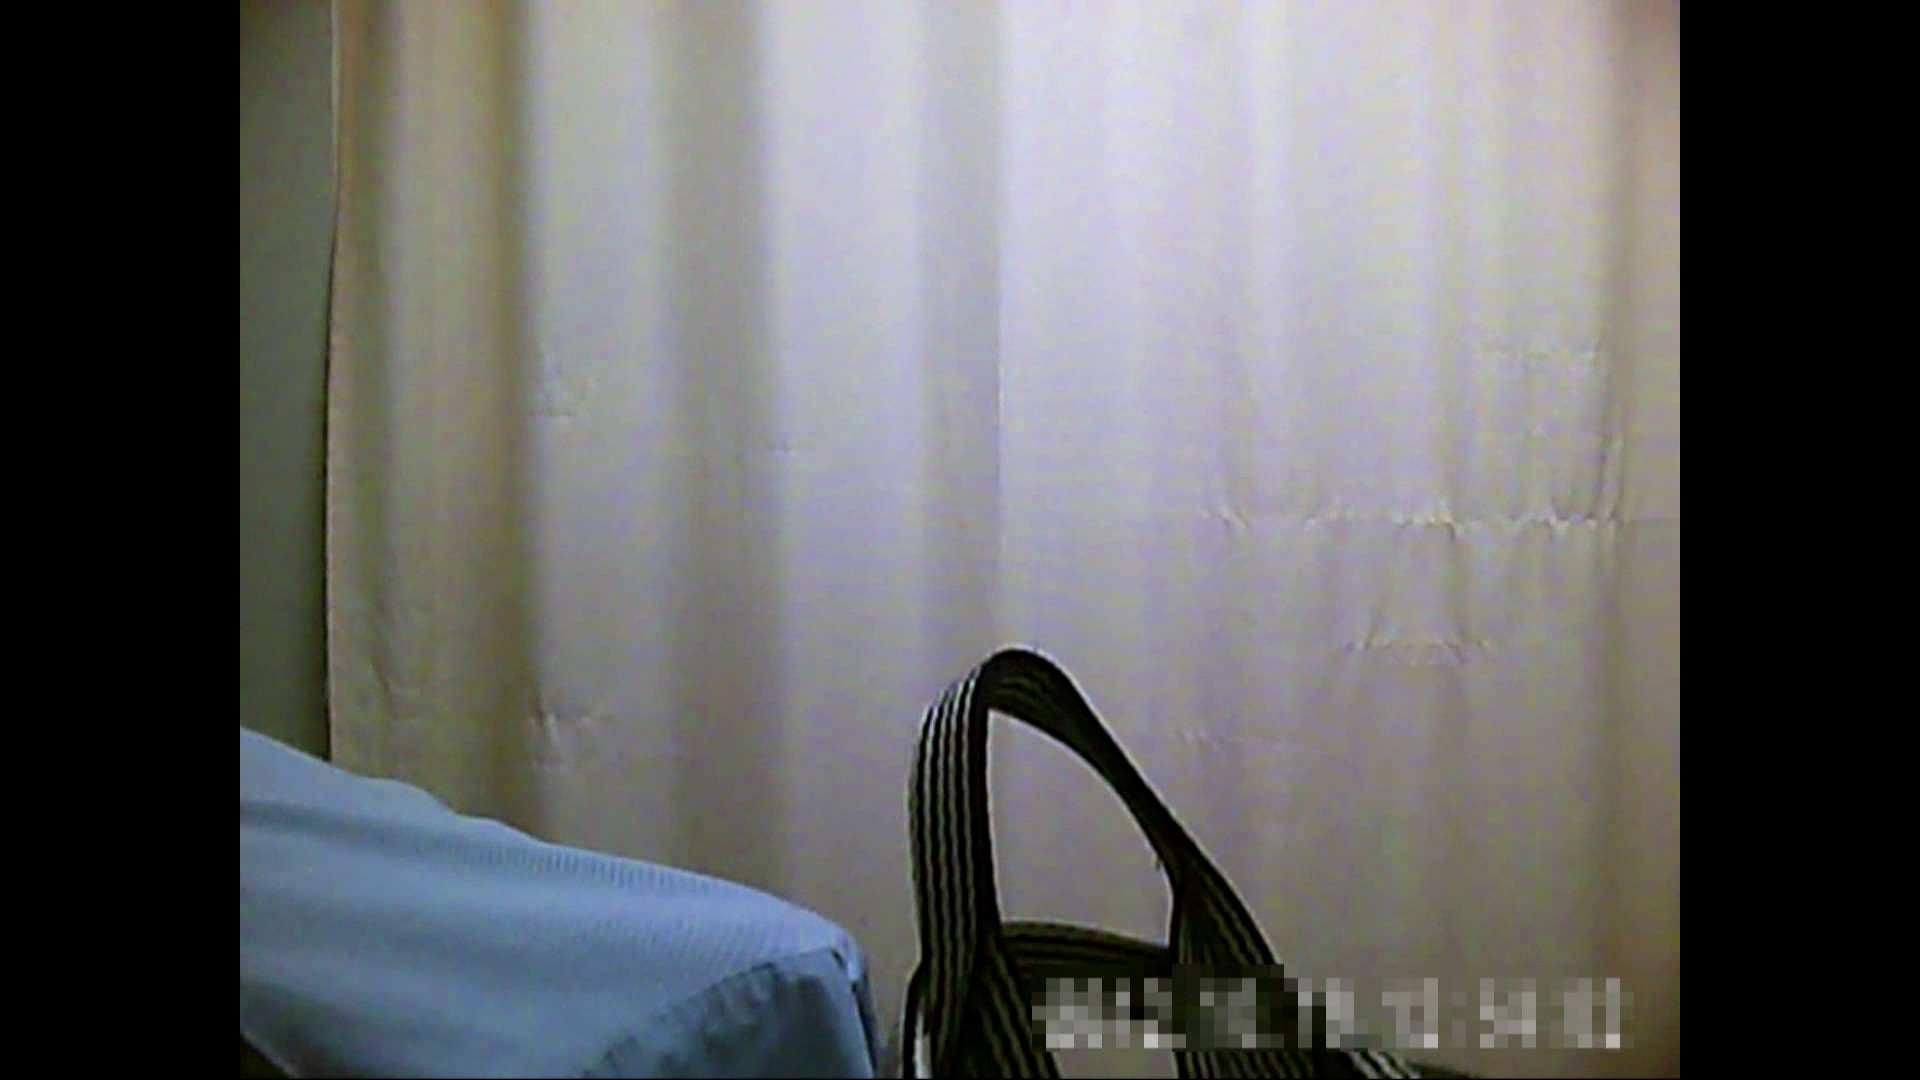 病院おもいっきり着替え! vol.243 乳首ポロリ 盗み撮りAV無料動画キャプチャ 86画像 61